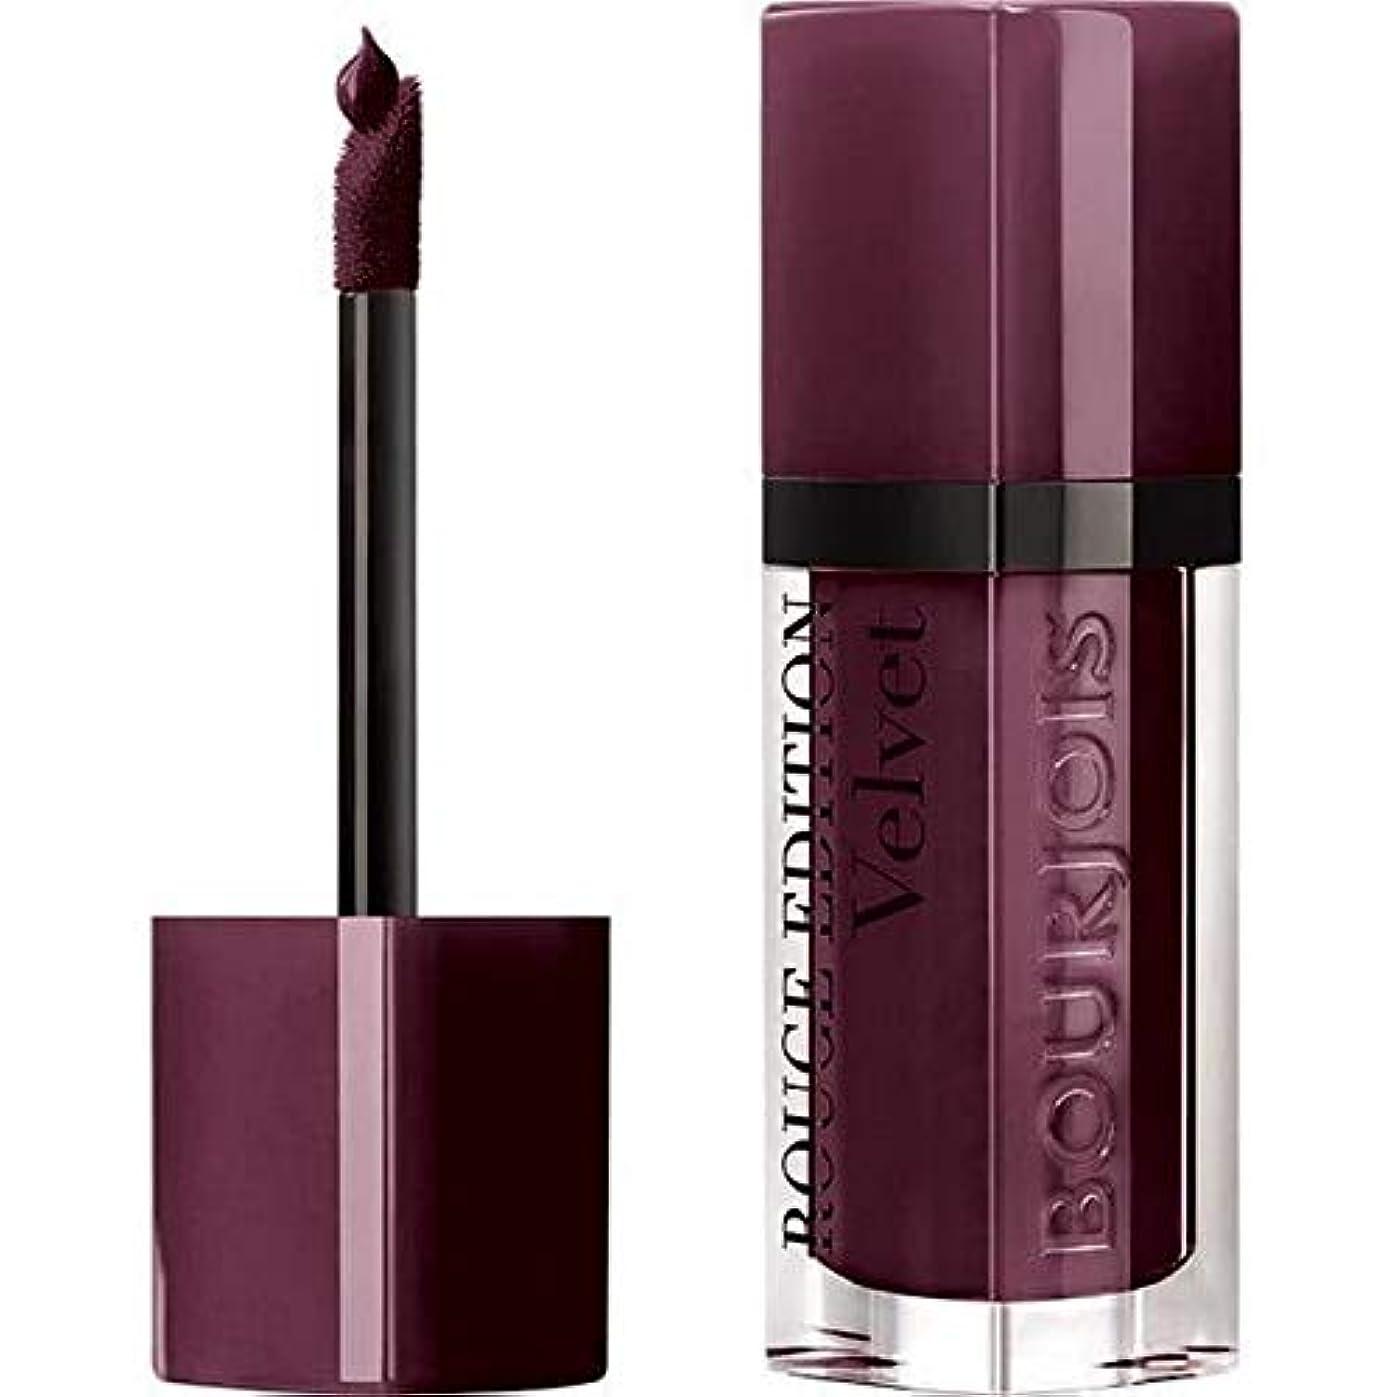 政治家権利を与えるショート[Bourjois ] ブルジョワ口紅ルージュ版のベルベットのシックな25ベリー - Bourjois Lipstick Rouge Edition Velvet 25 Berry Chic [並行輸入品]